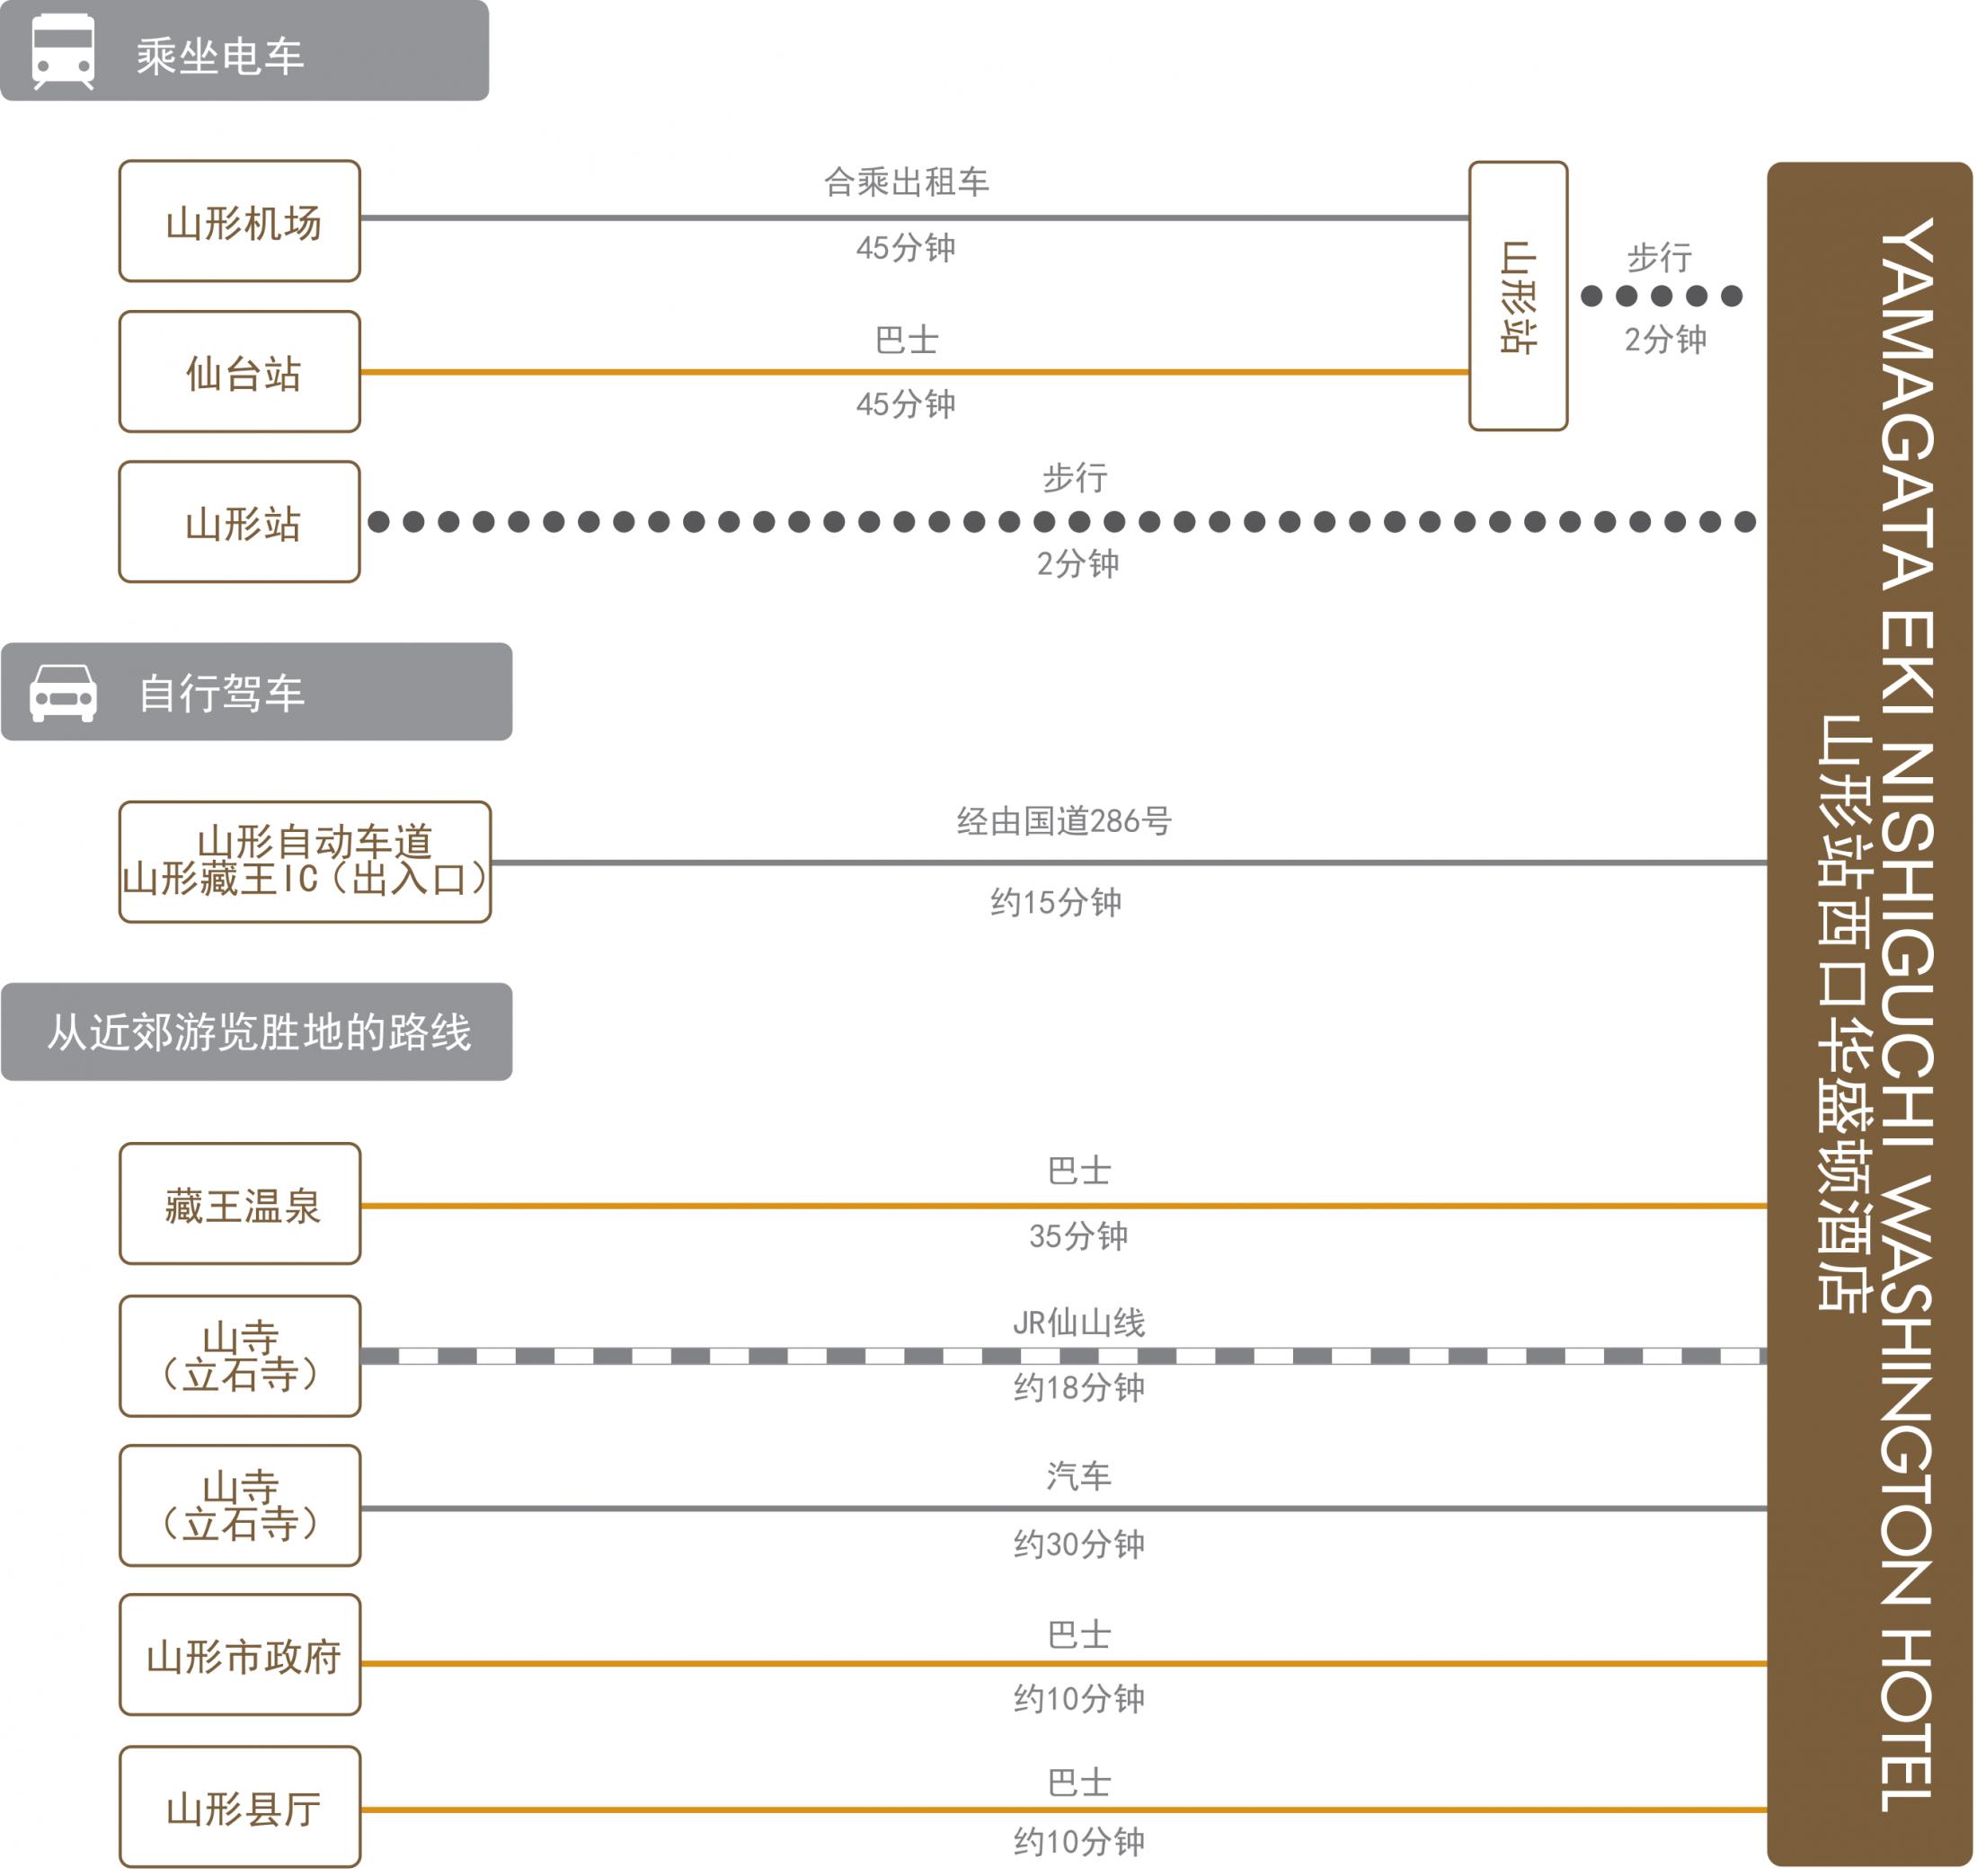 chart_zh-cn_yamagata-nishiguchi_wh